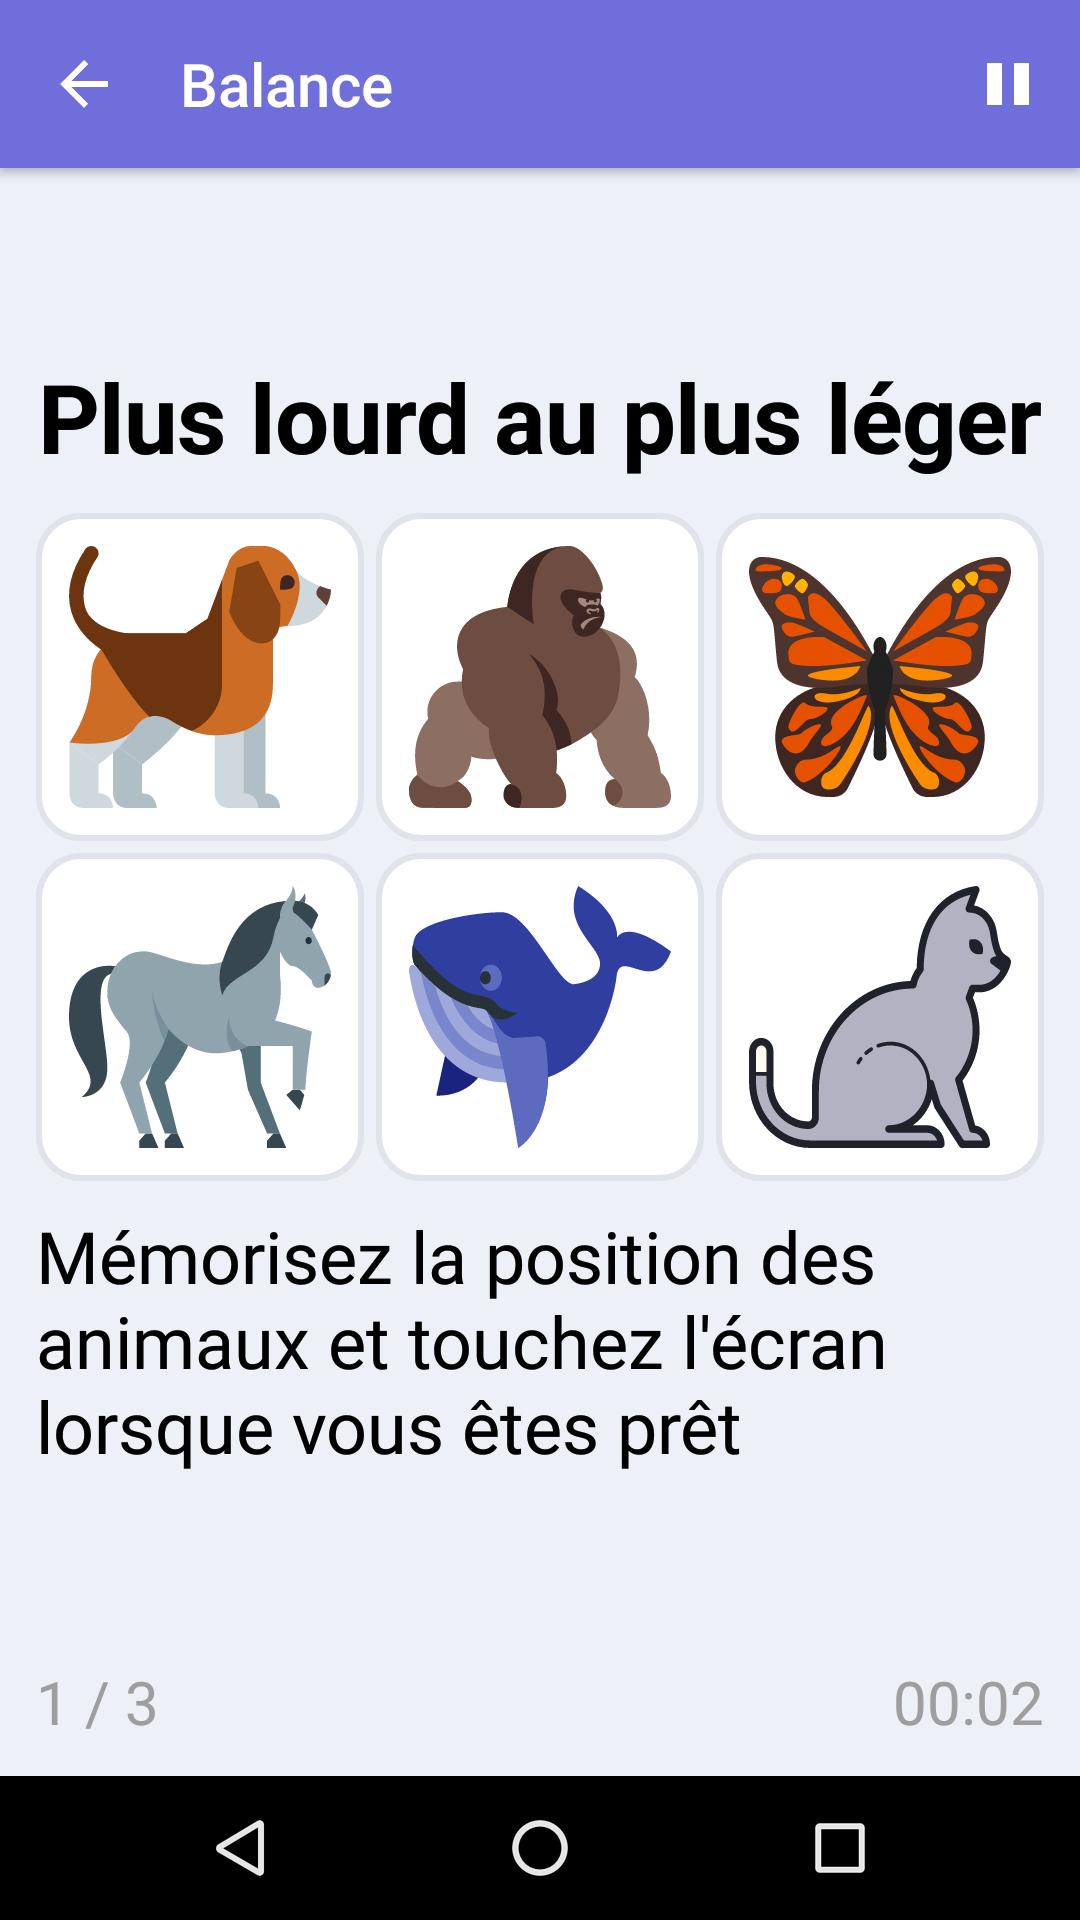 Jeux Cérébraux Gratuits Pour Iphone & Android - Brainilis dedans Jeux D Animaux Gratuit